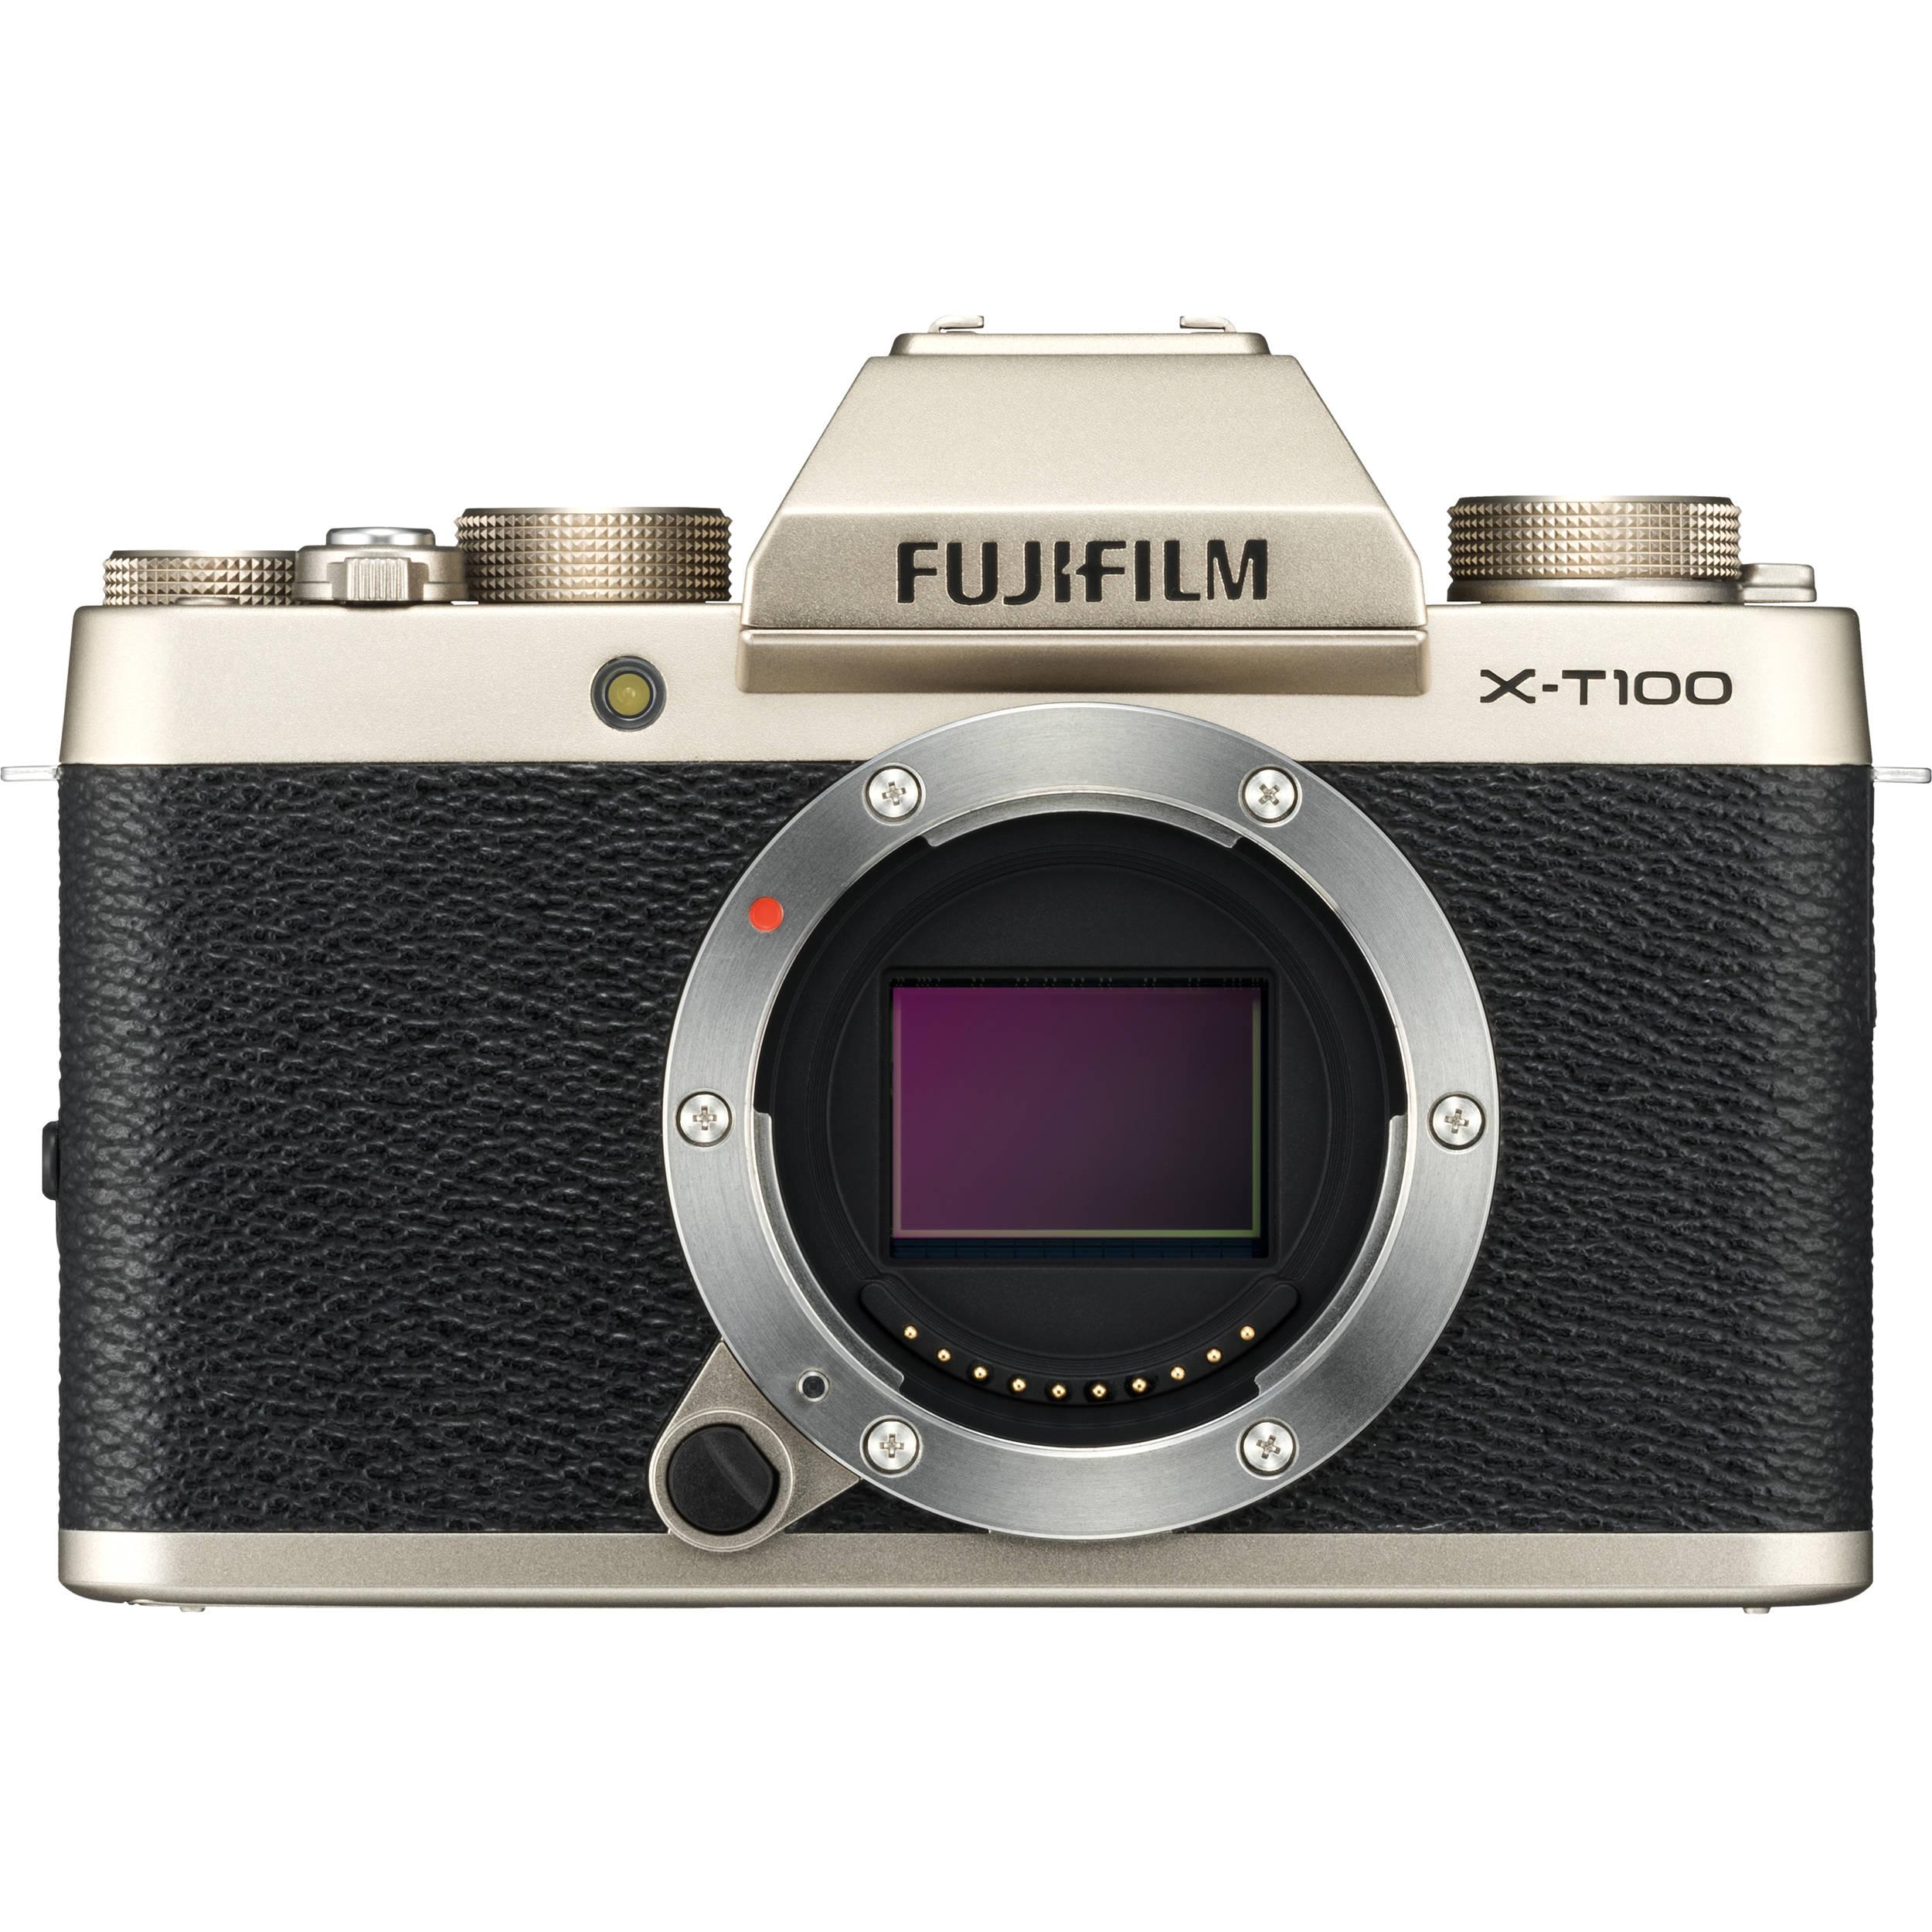 Fiji Xt Graphics Card Address Db Fujifilm Xt2 Body Only X T100 Mirrorless Digital Camera Champagne Gold